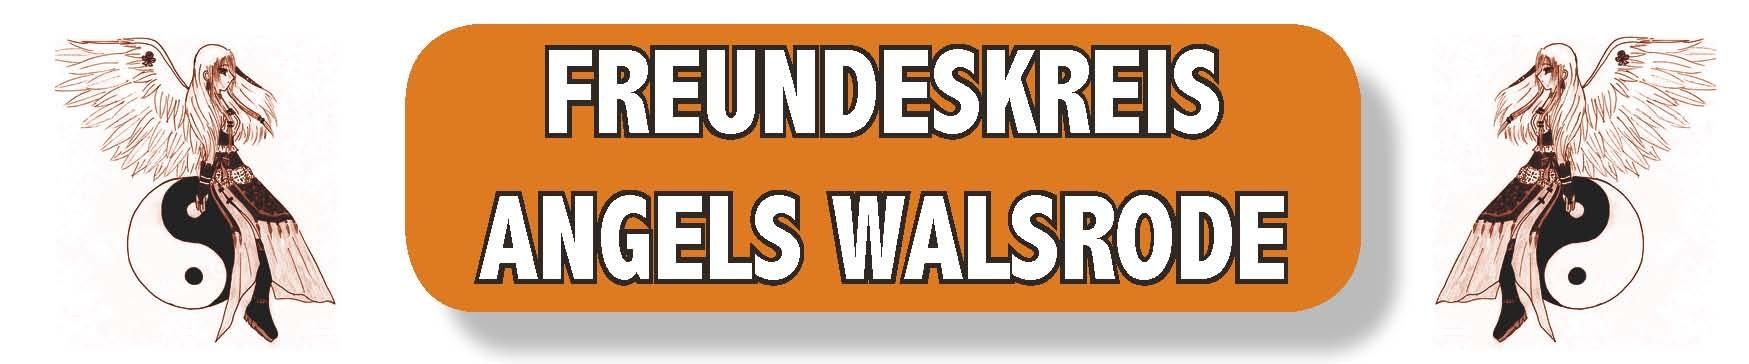 Freundeskreis Angels Walsrode